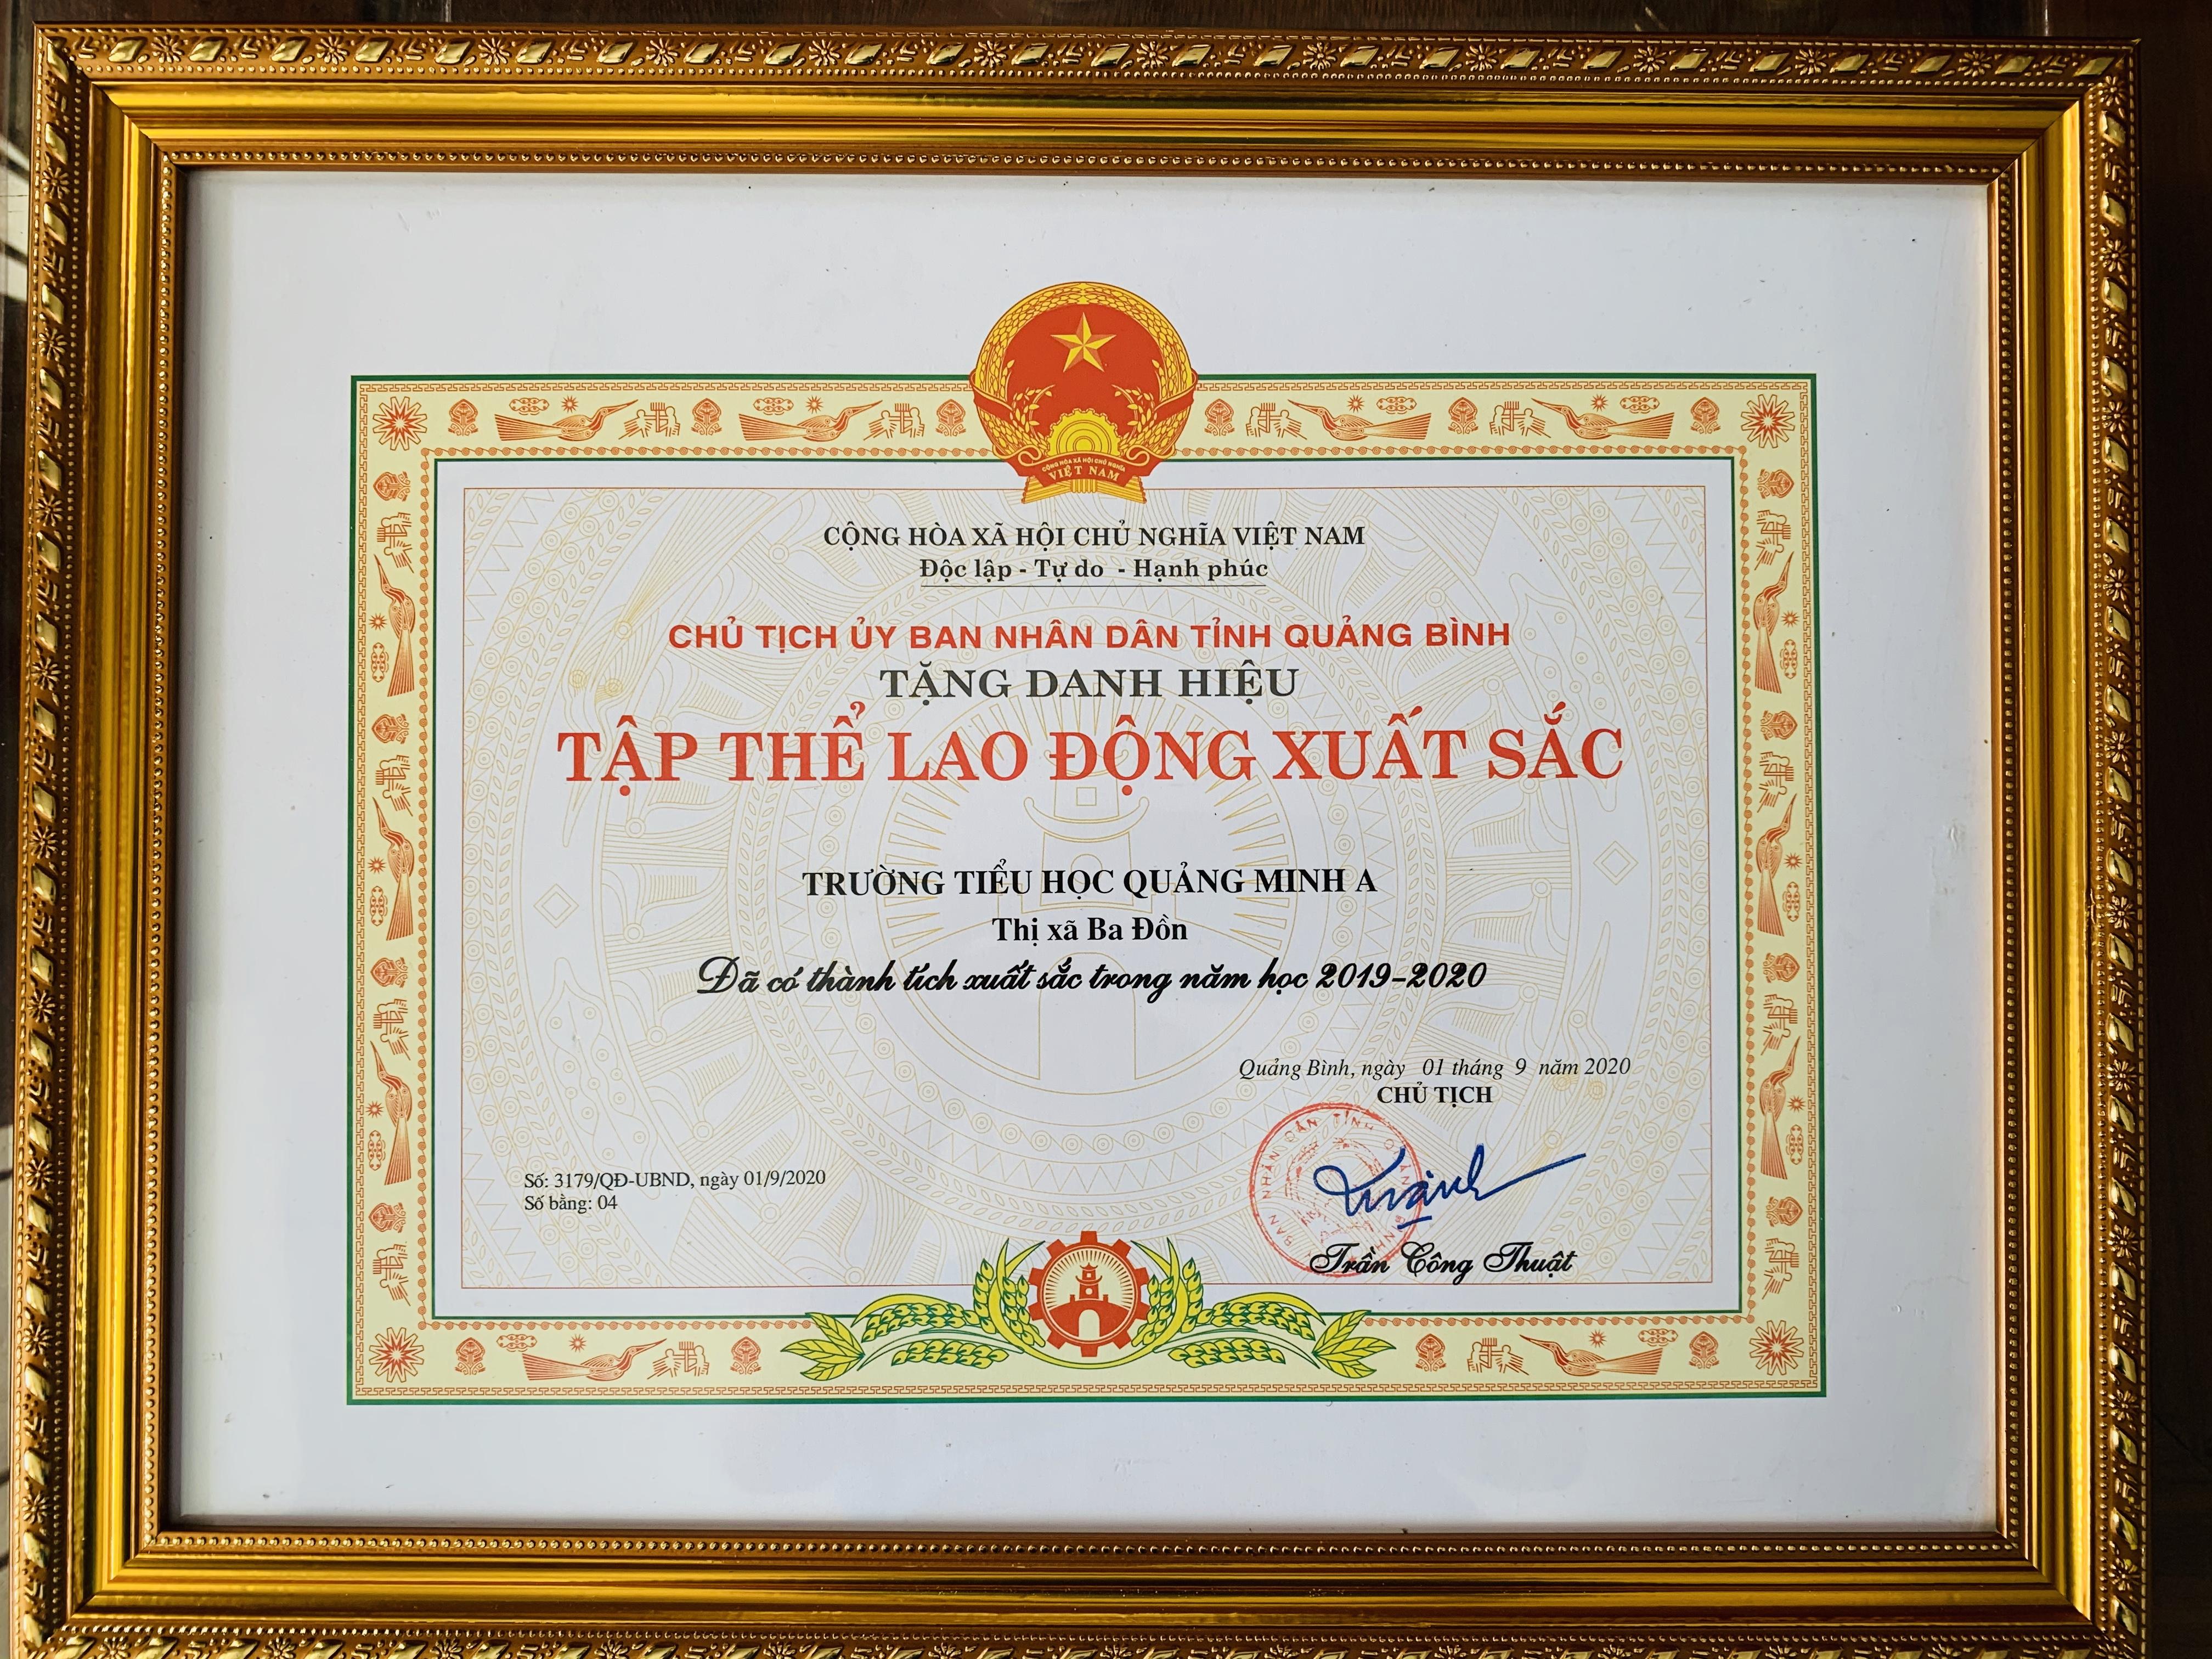 Thành tích đạt được của trường TH Quảng Minh A năm học 2019 – 2020